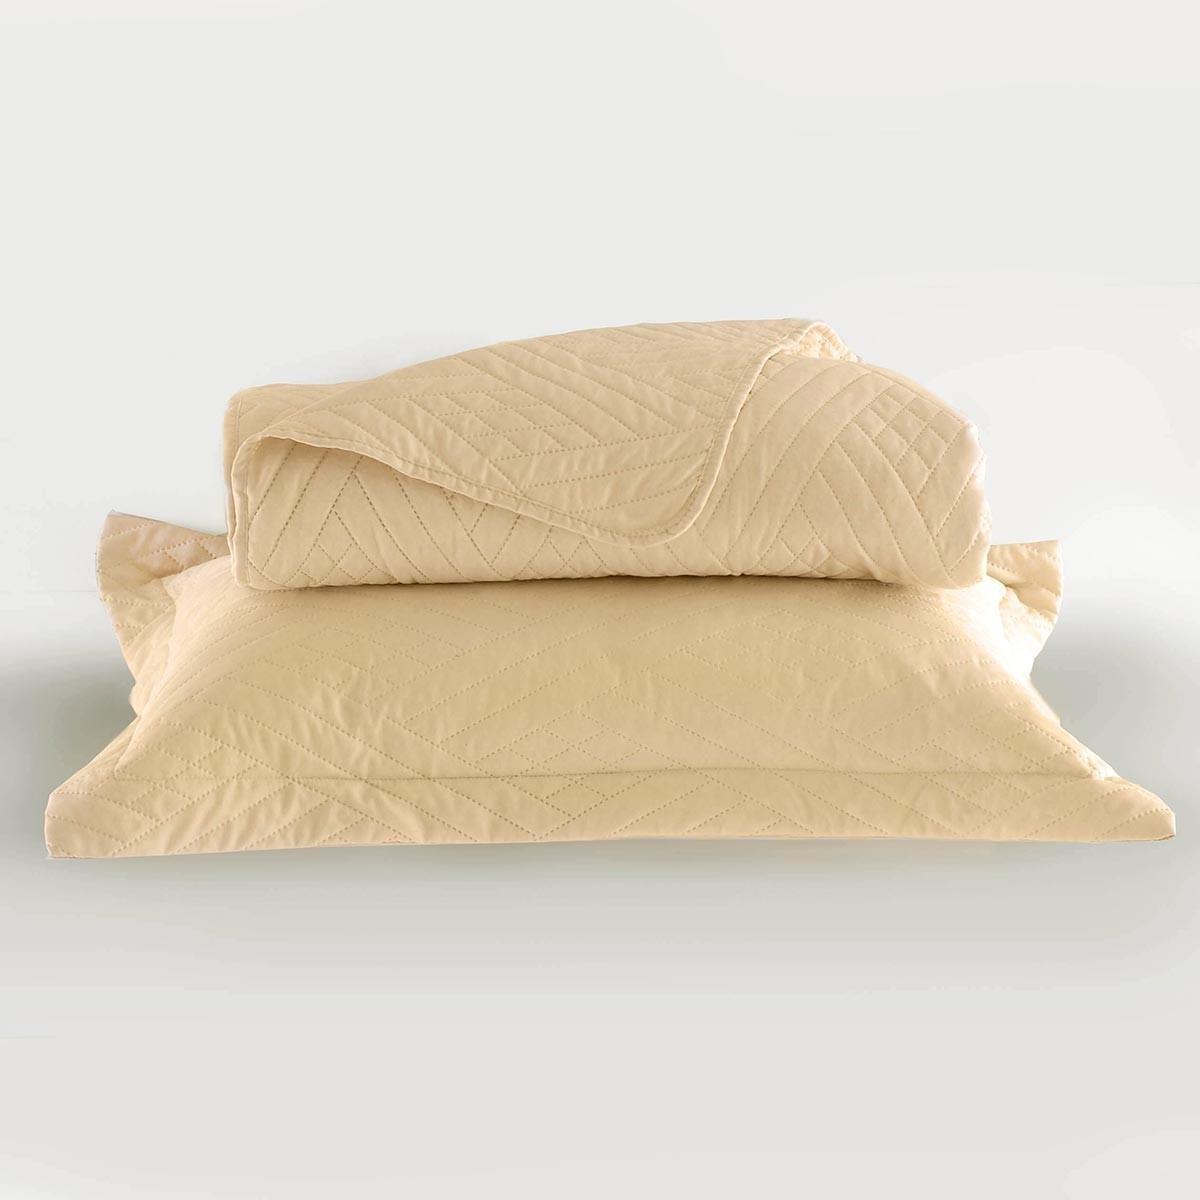 Κουβερλί Υπέρδιπλο (Σετ) Rythmos Lucie Ecru home   κρεβατοκάμαρα   κουβερλί   κουβερλί υπέρδιπλα